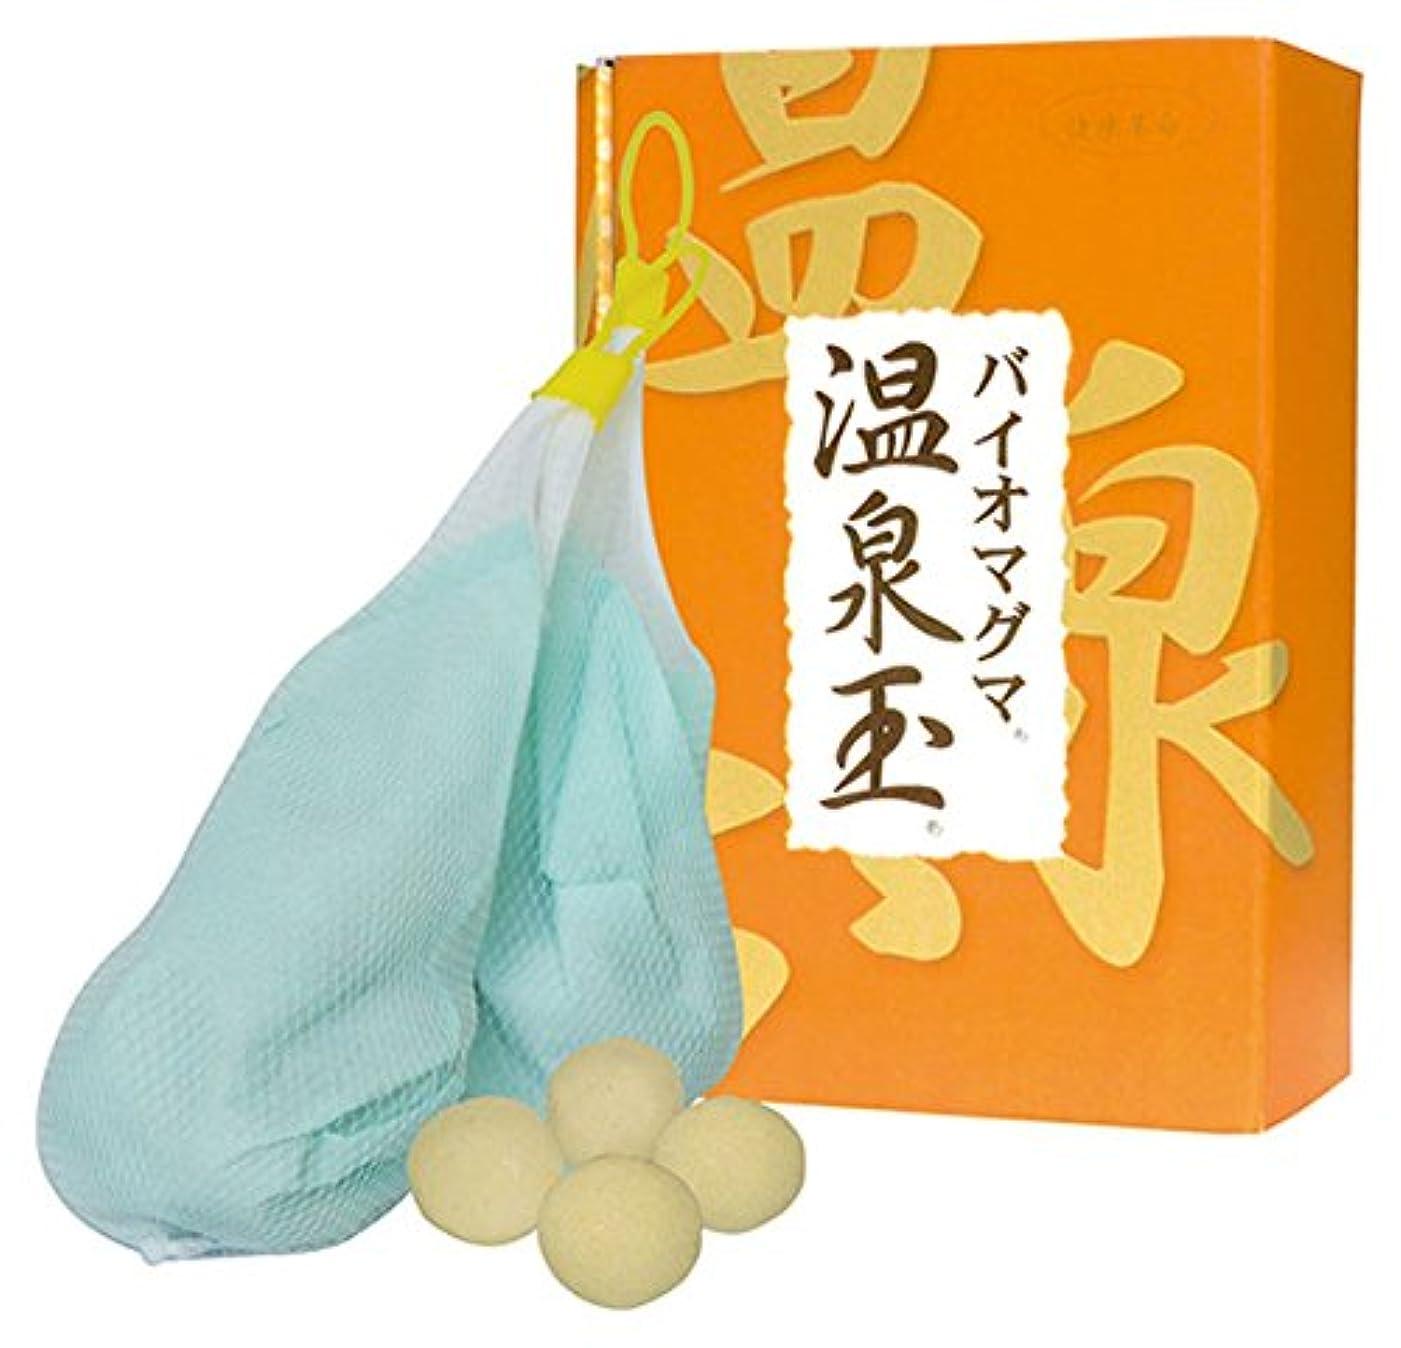 ラバ一見分布ゴールド興産 バイオマグマ温泉玉(10玉×2袋) 000536